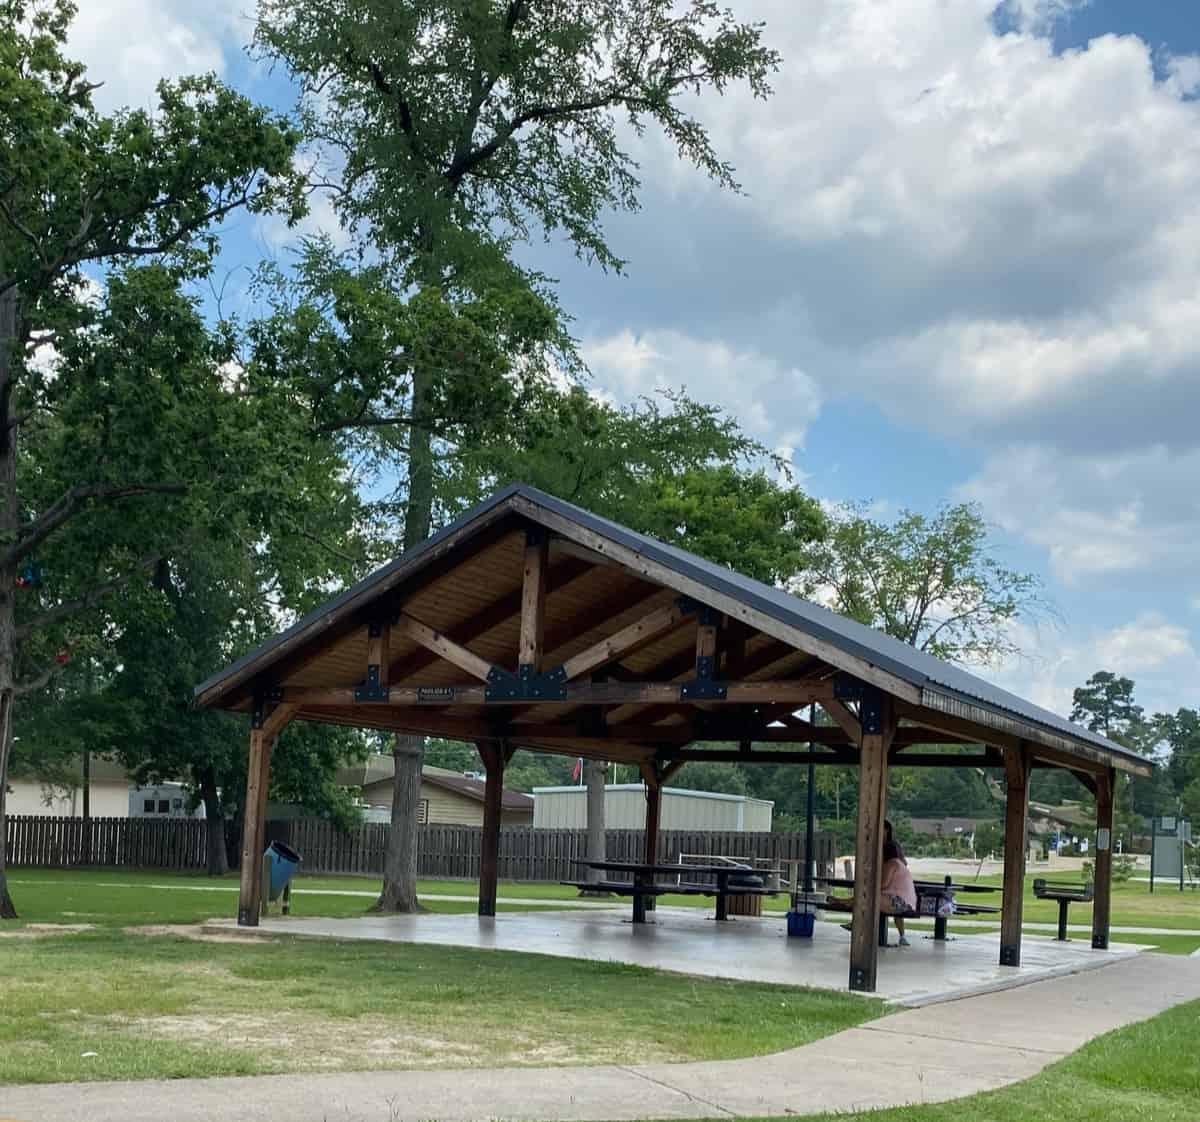 Candy Cane Park Pavilion